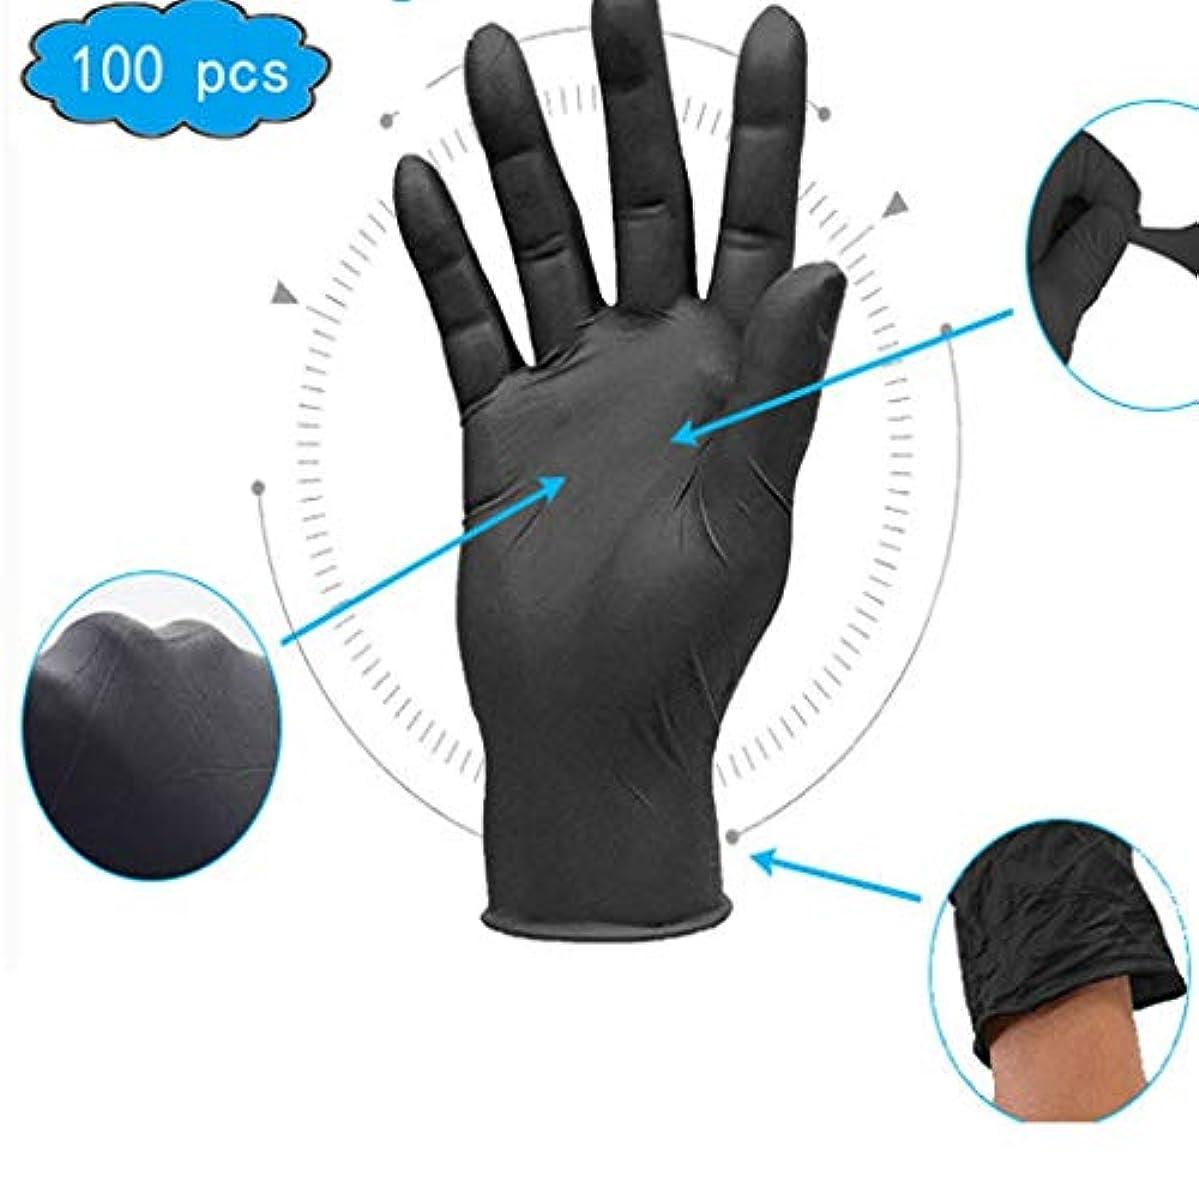 排除する加害者化学ニトリル手袋、医薬品および備品、応急処置用品、産業用使い捨て手袋 - テクスチャード、パウダーフリー、無菌、大型、100個入り、非滅菌の使い捨て安全手袋 (Color : Black, Size : M)